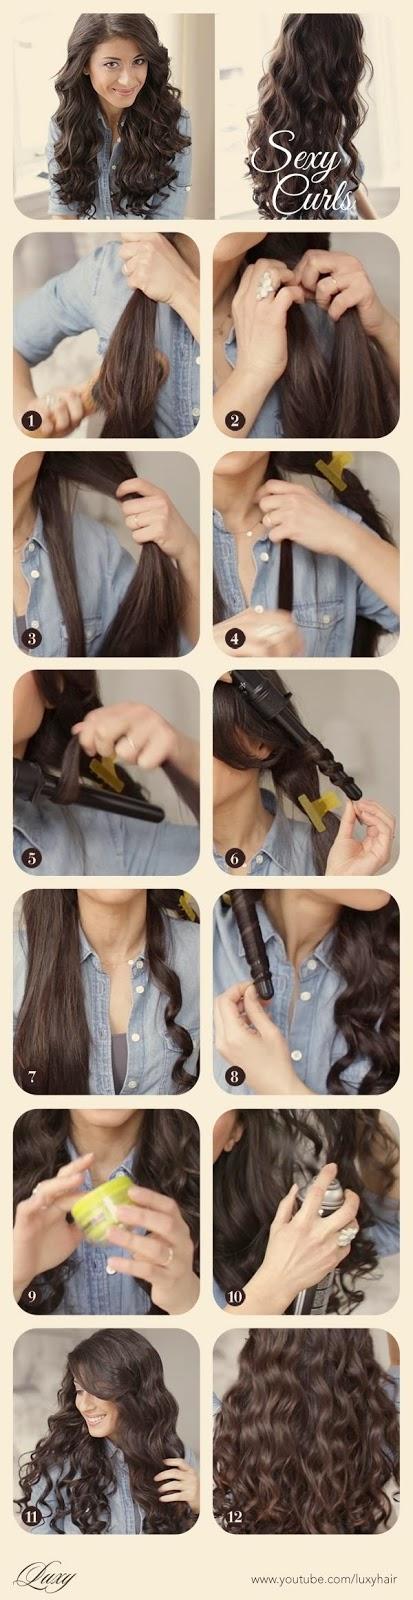 coiffure cheveux long frange